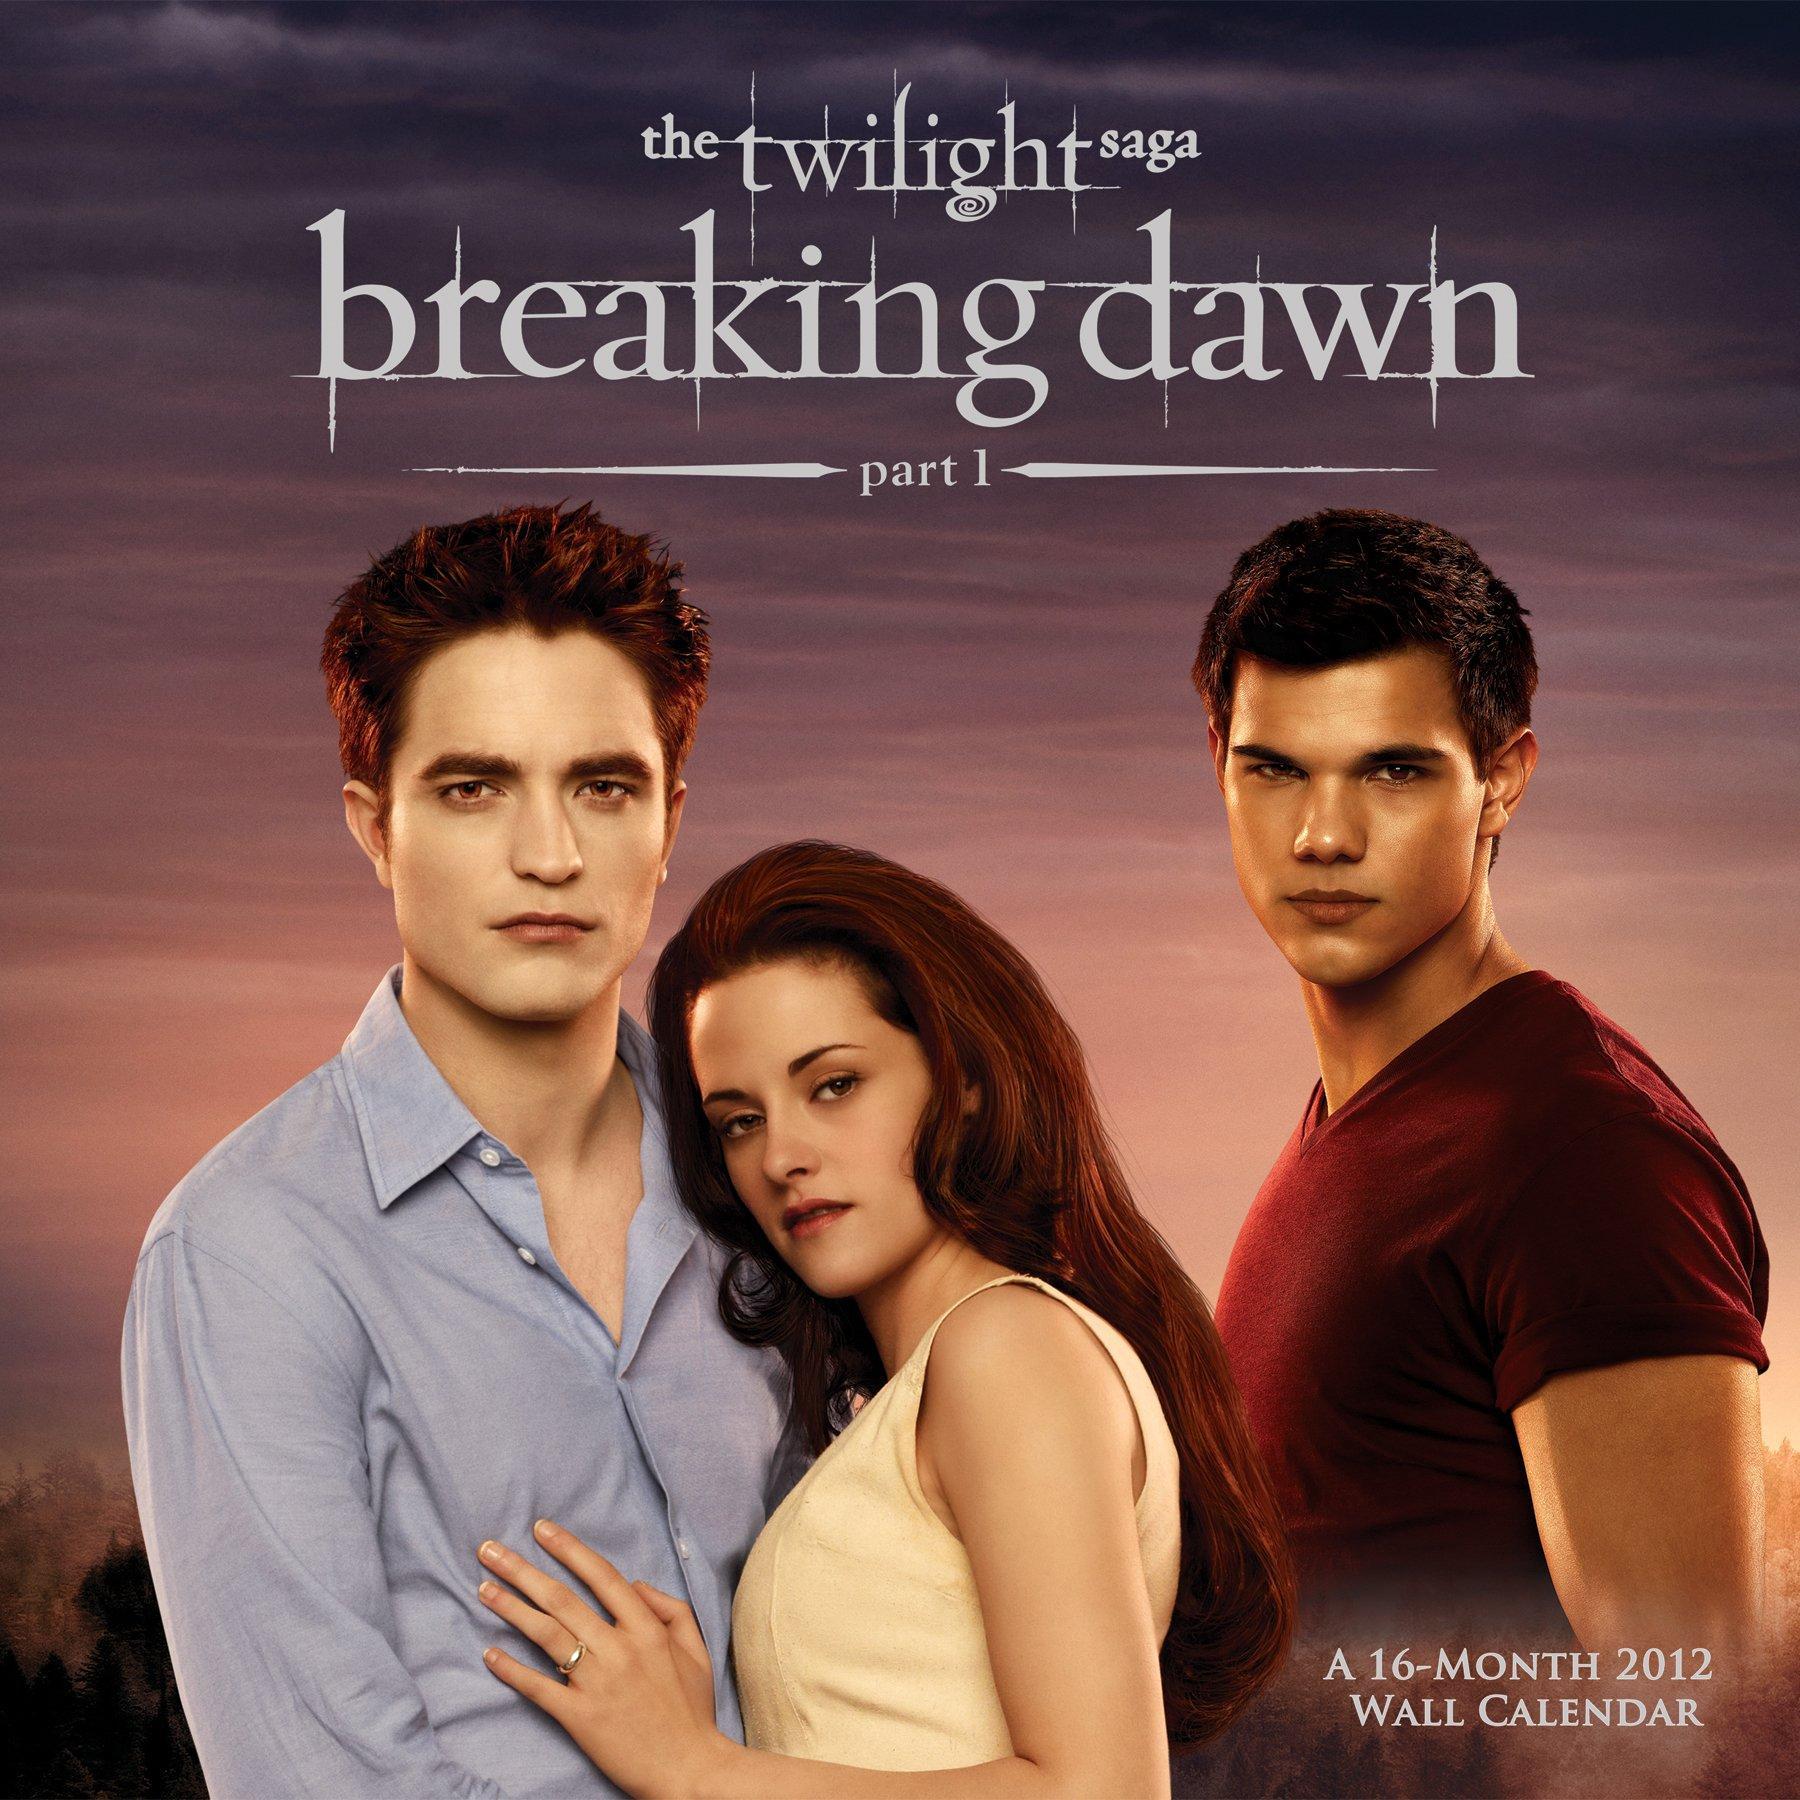 Découvrez la couverture du calendrier 2012 de Breaking Dawn en HQ